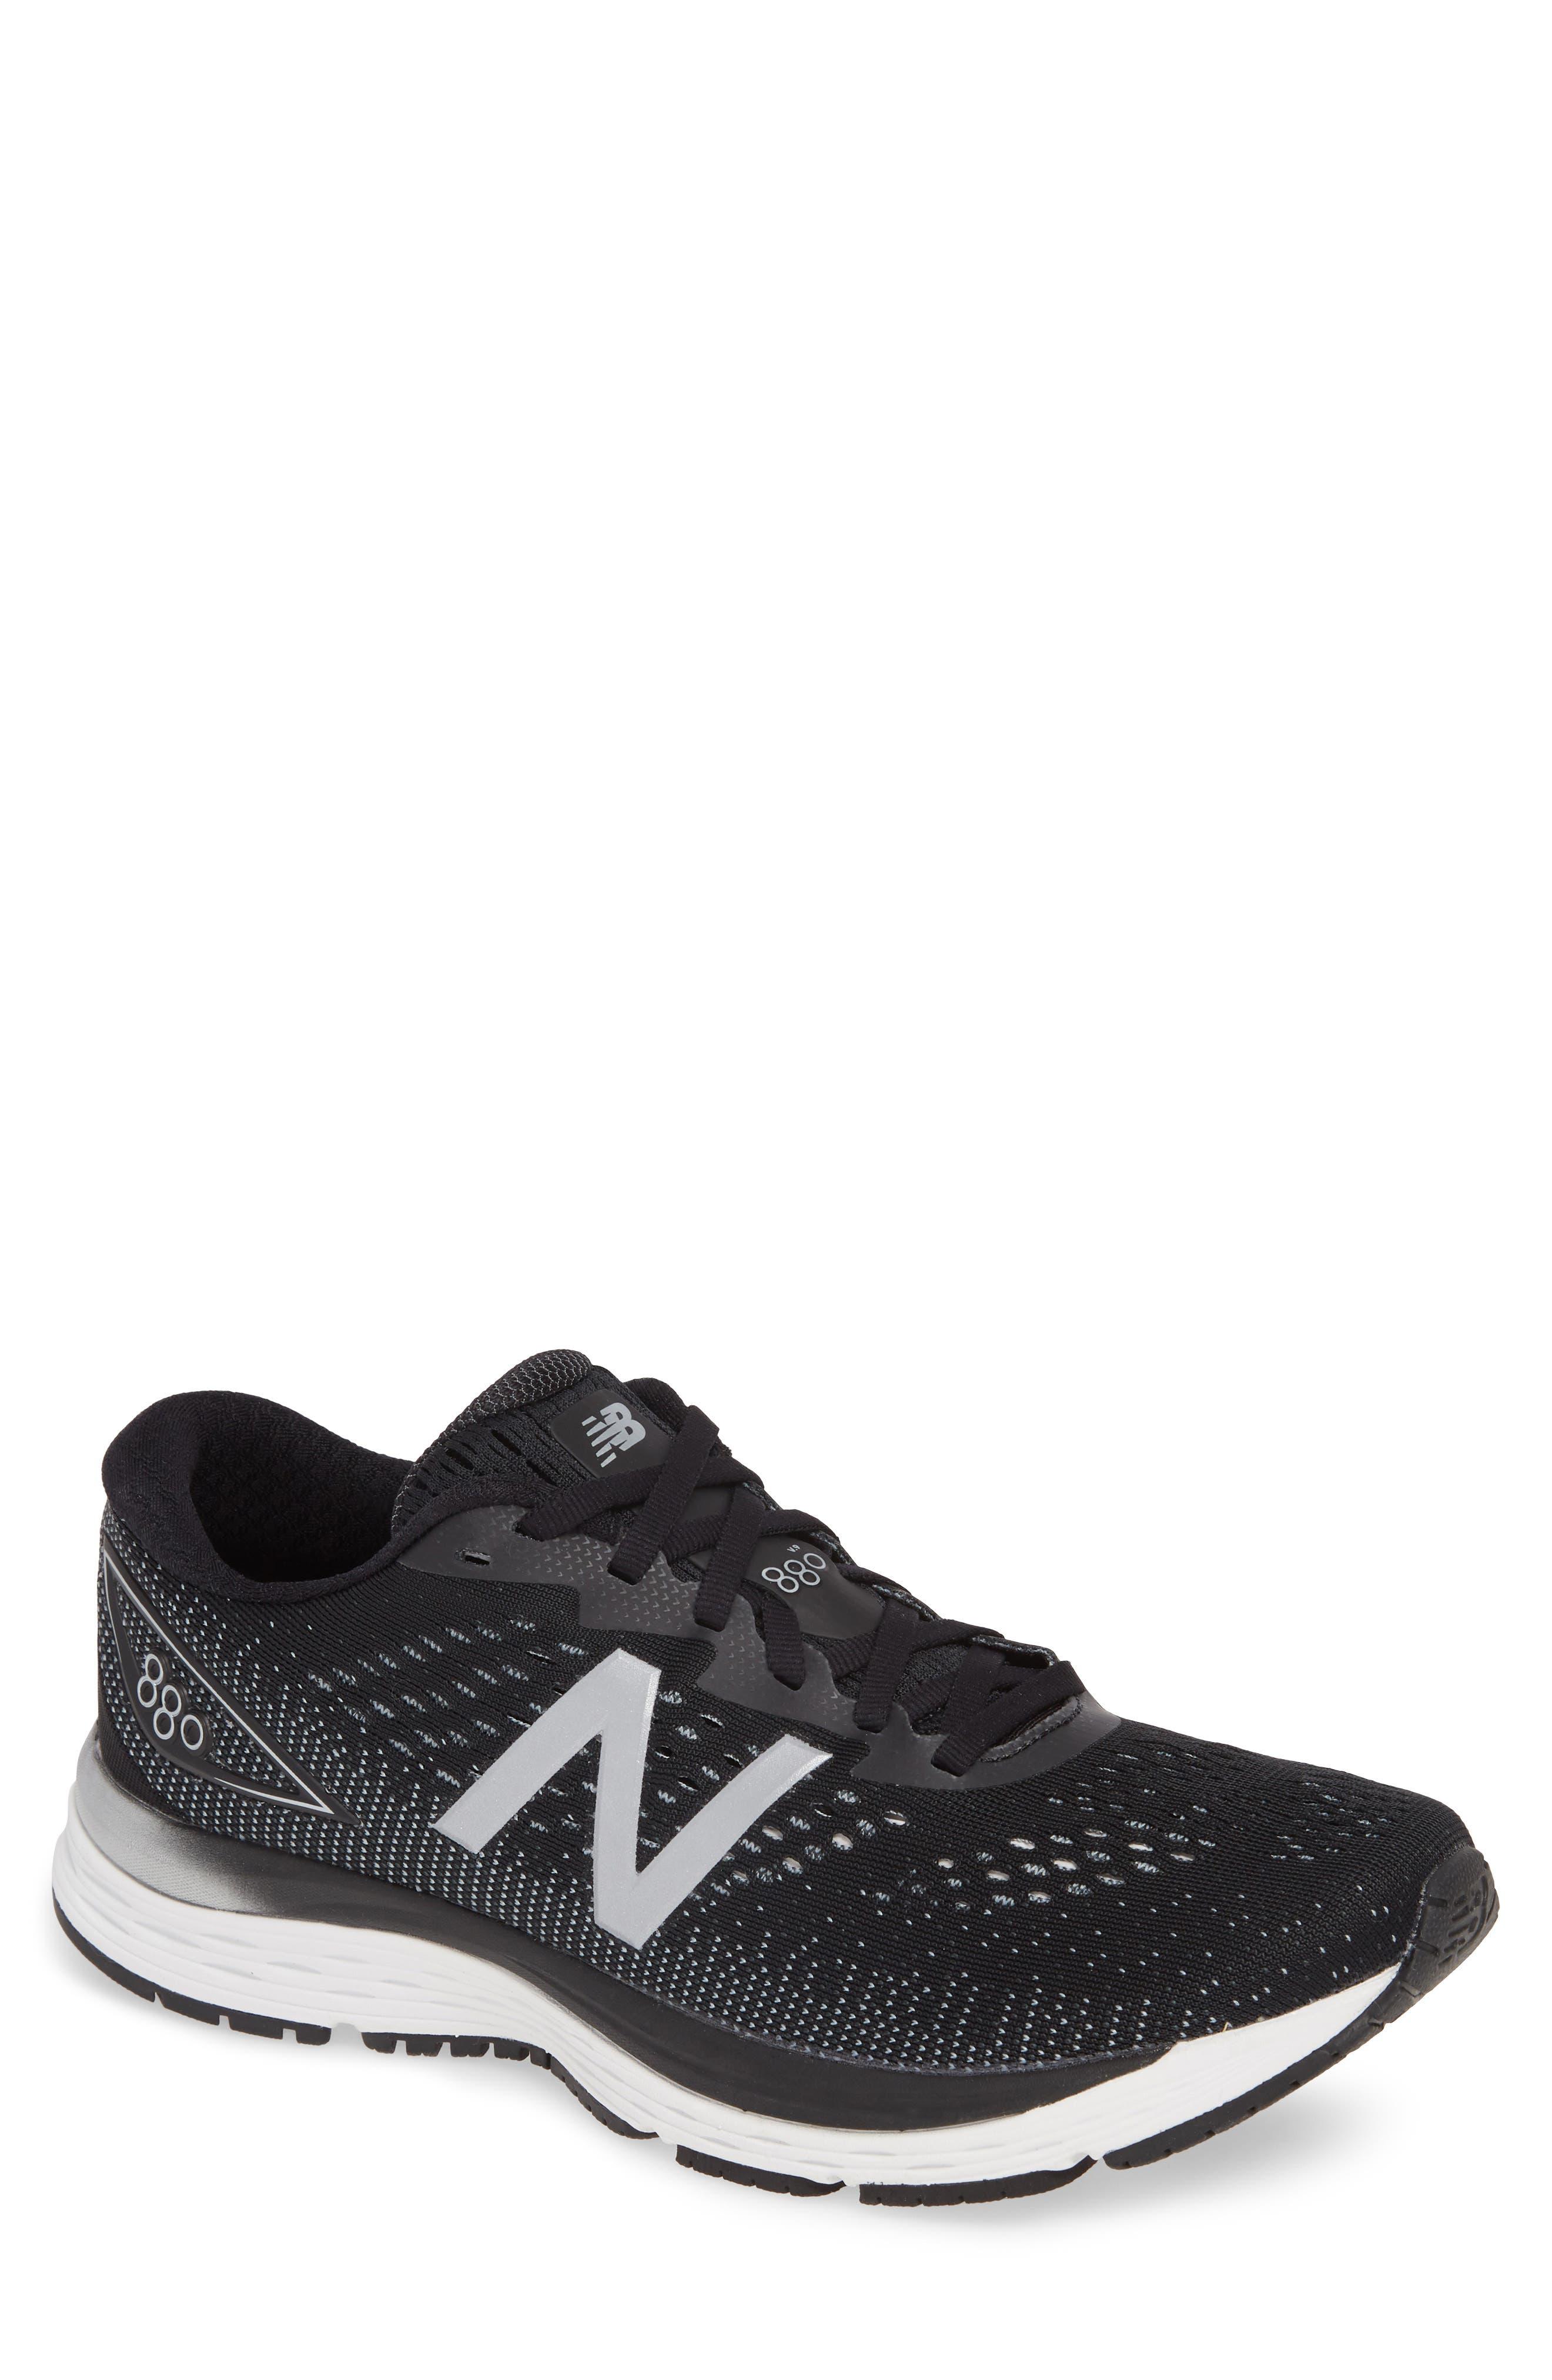 New Balance 880v9 Running Shoe (Men